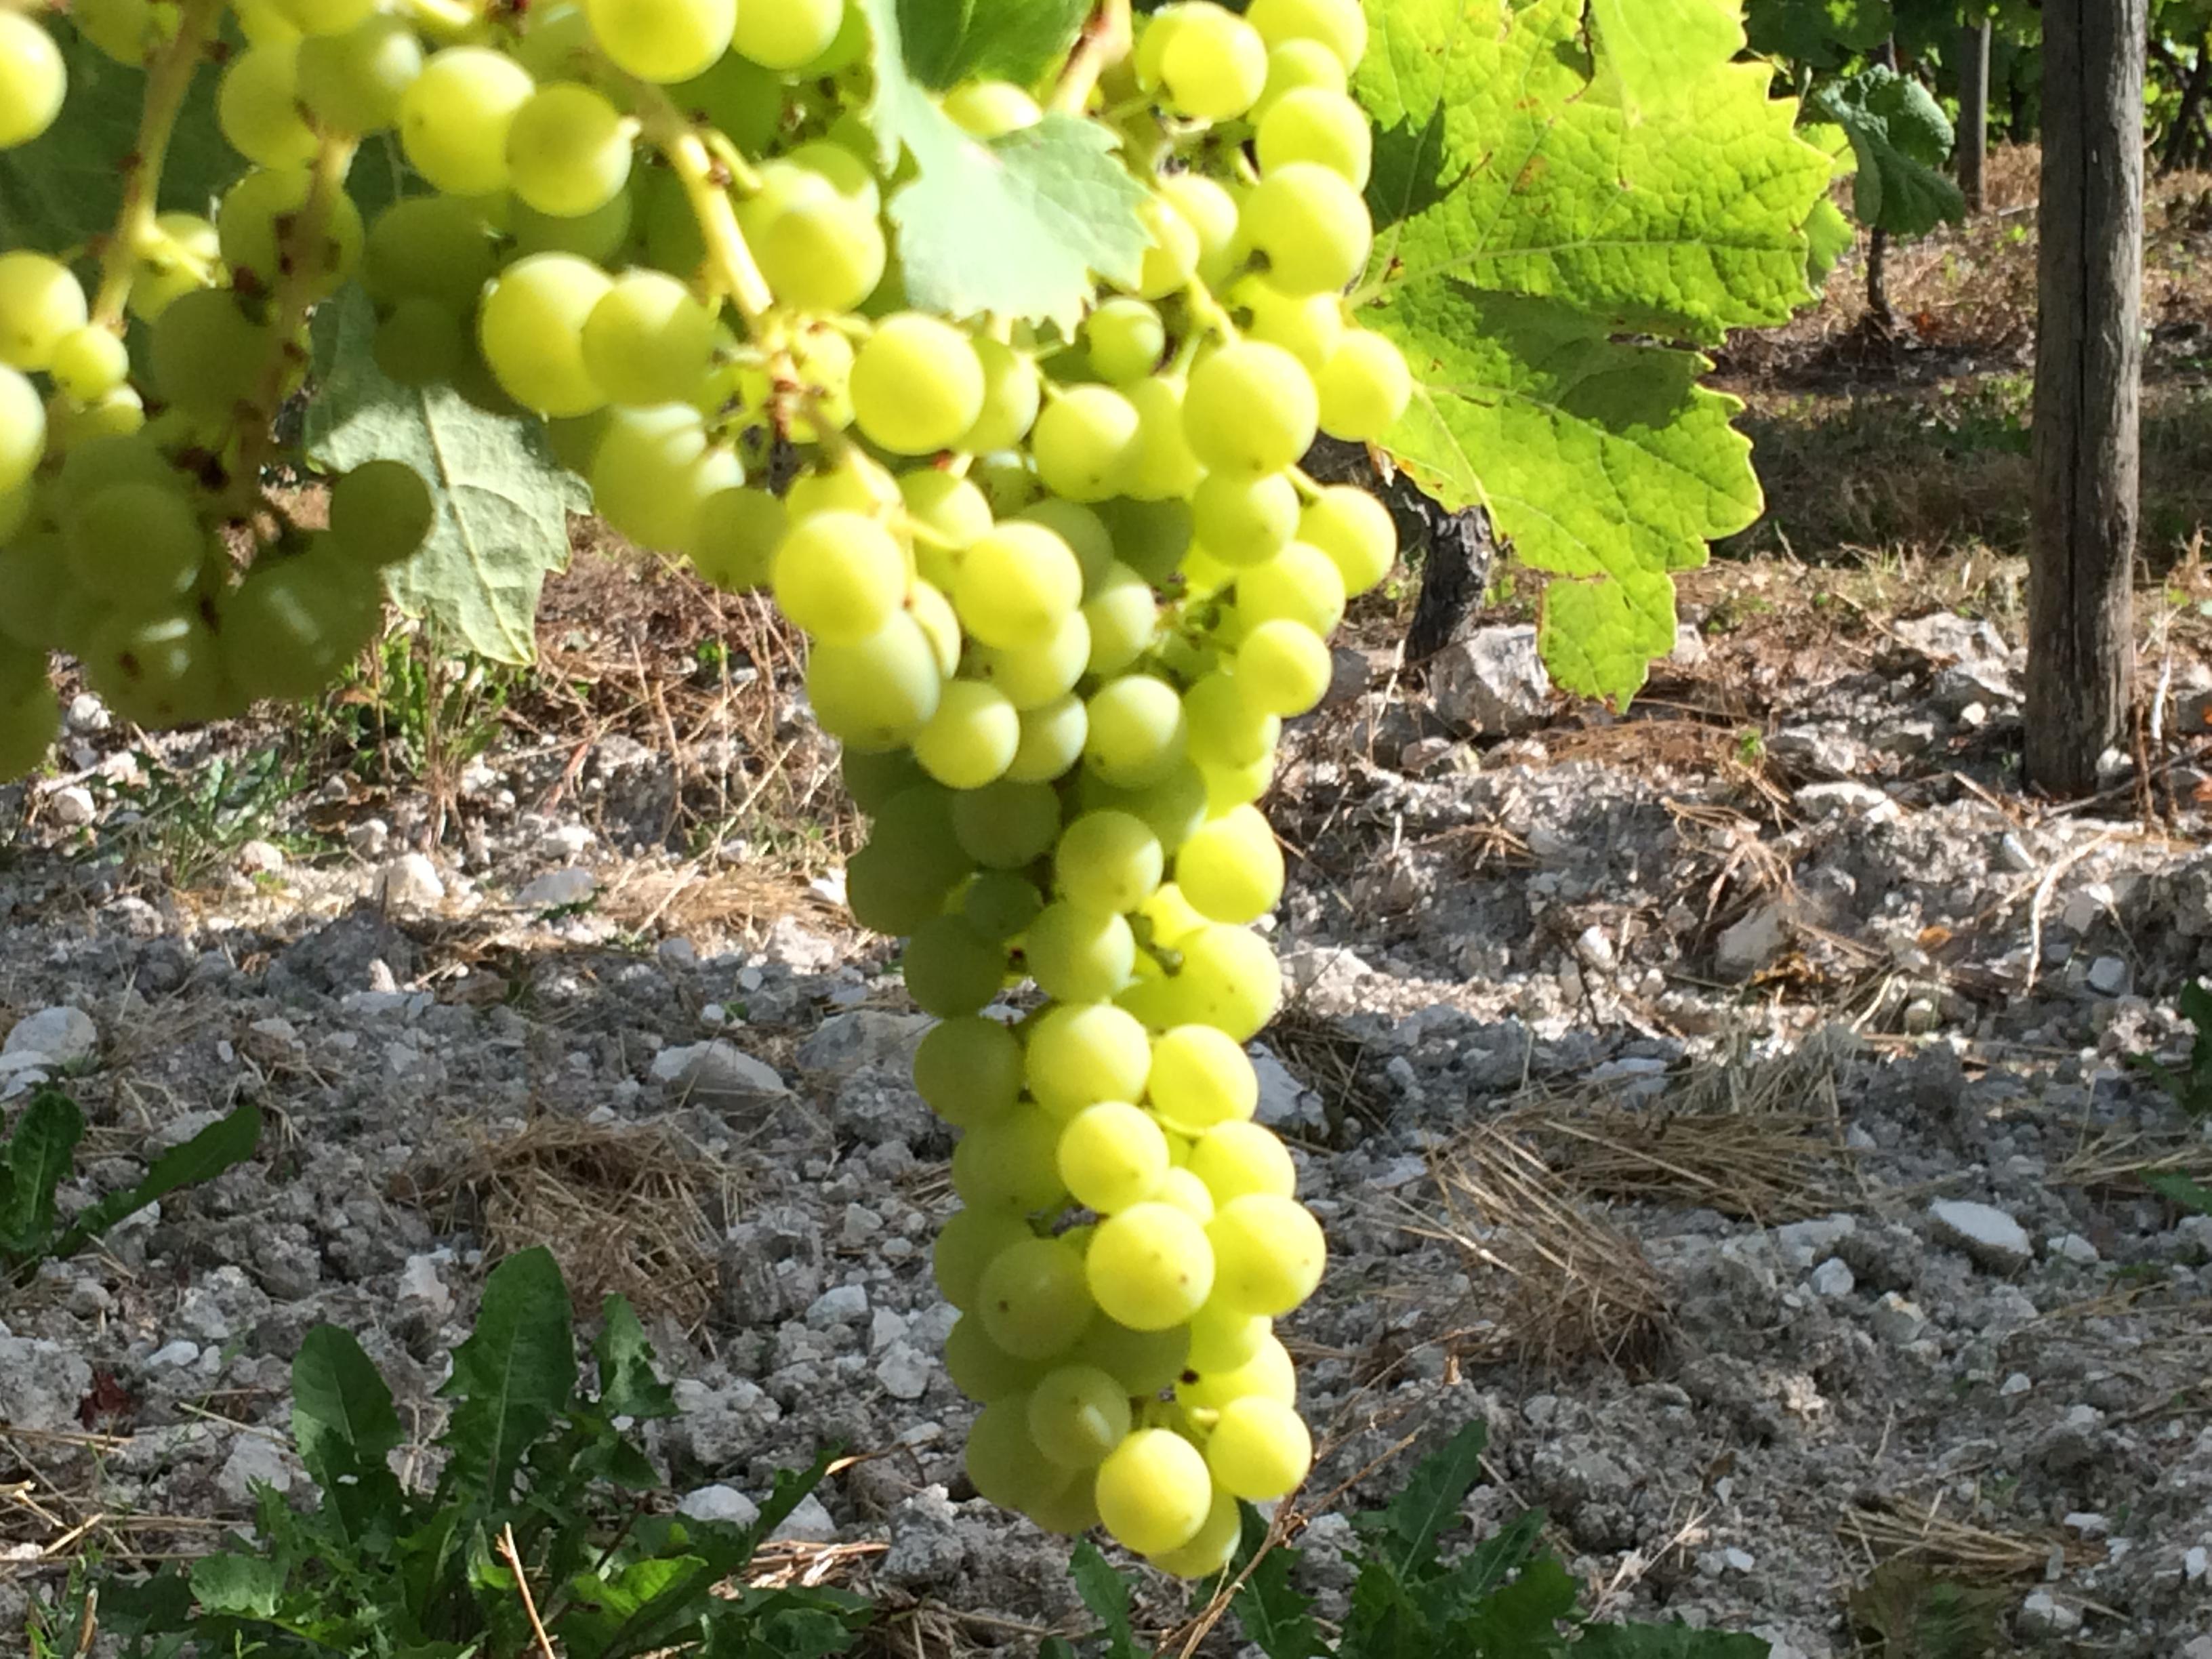 Vignescognac juillet